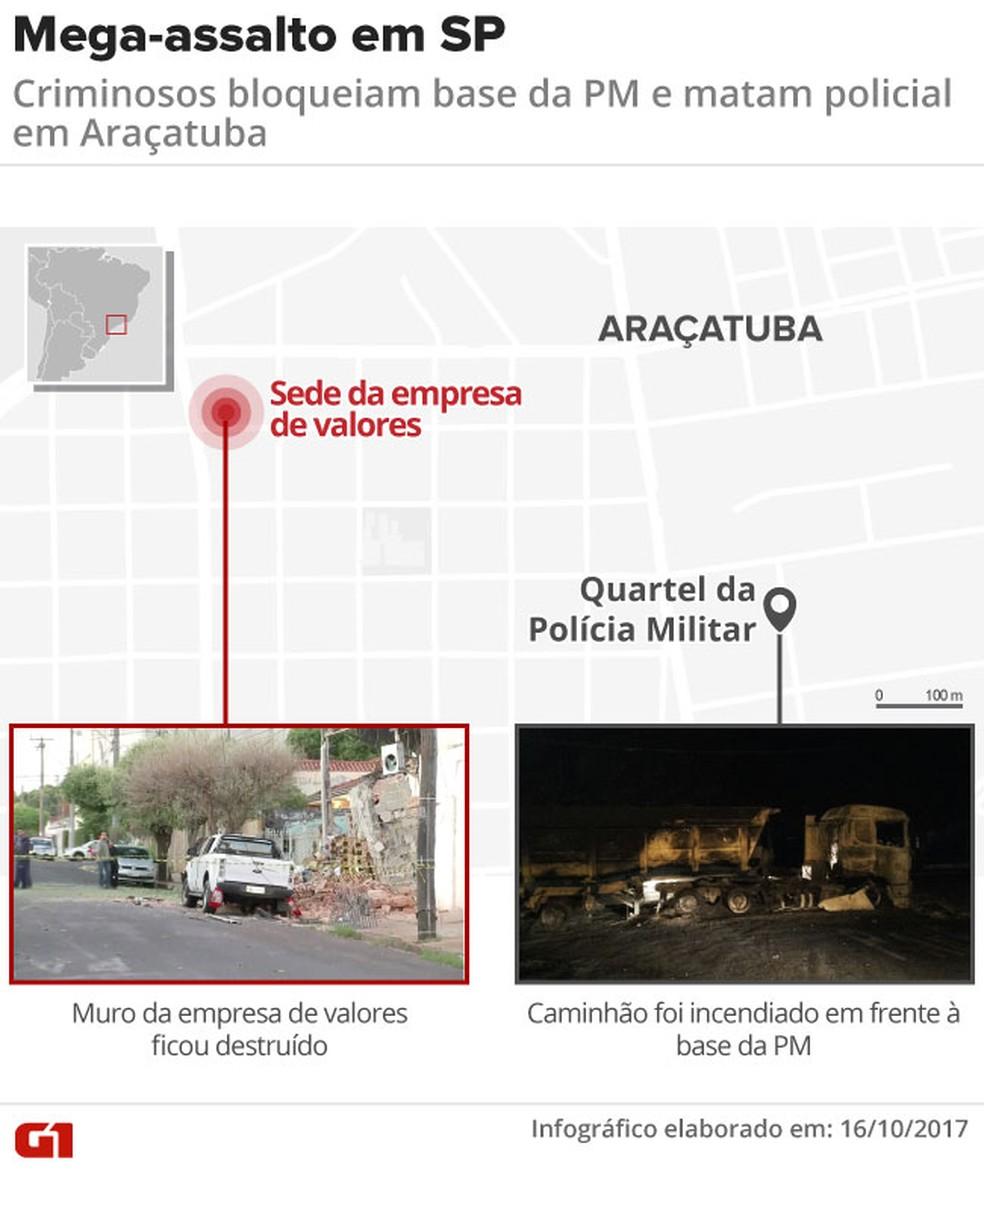 Mapa mostra distância entre sede da empresa de valores e quartel da PM (Foto: Editoria de Arte/G1)